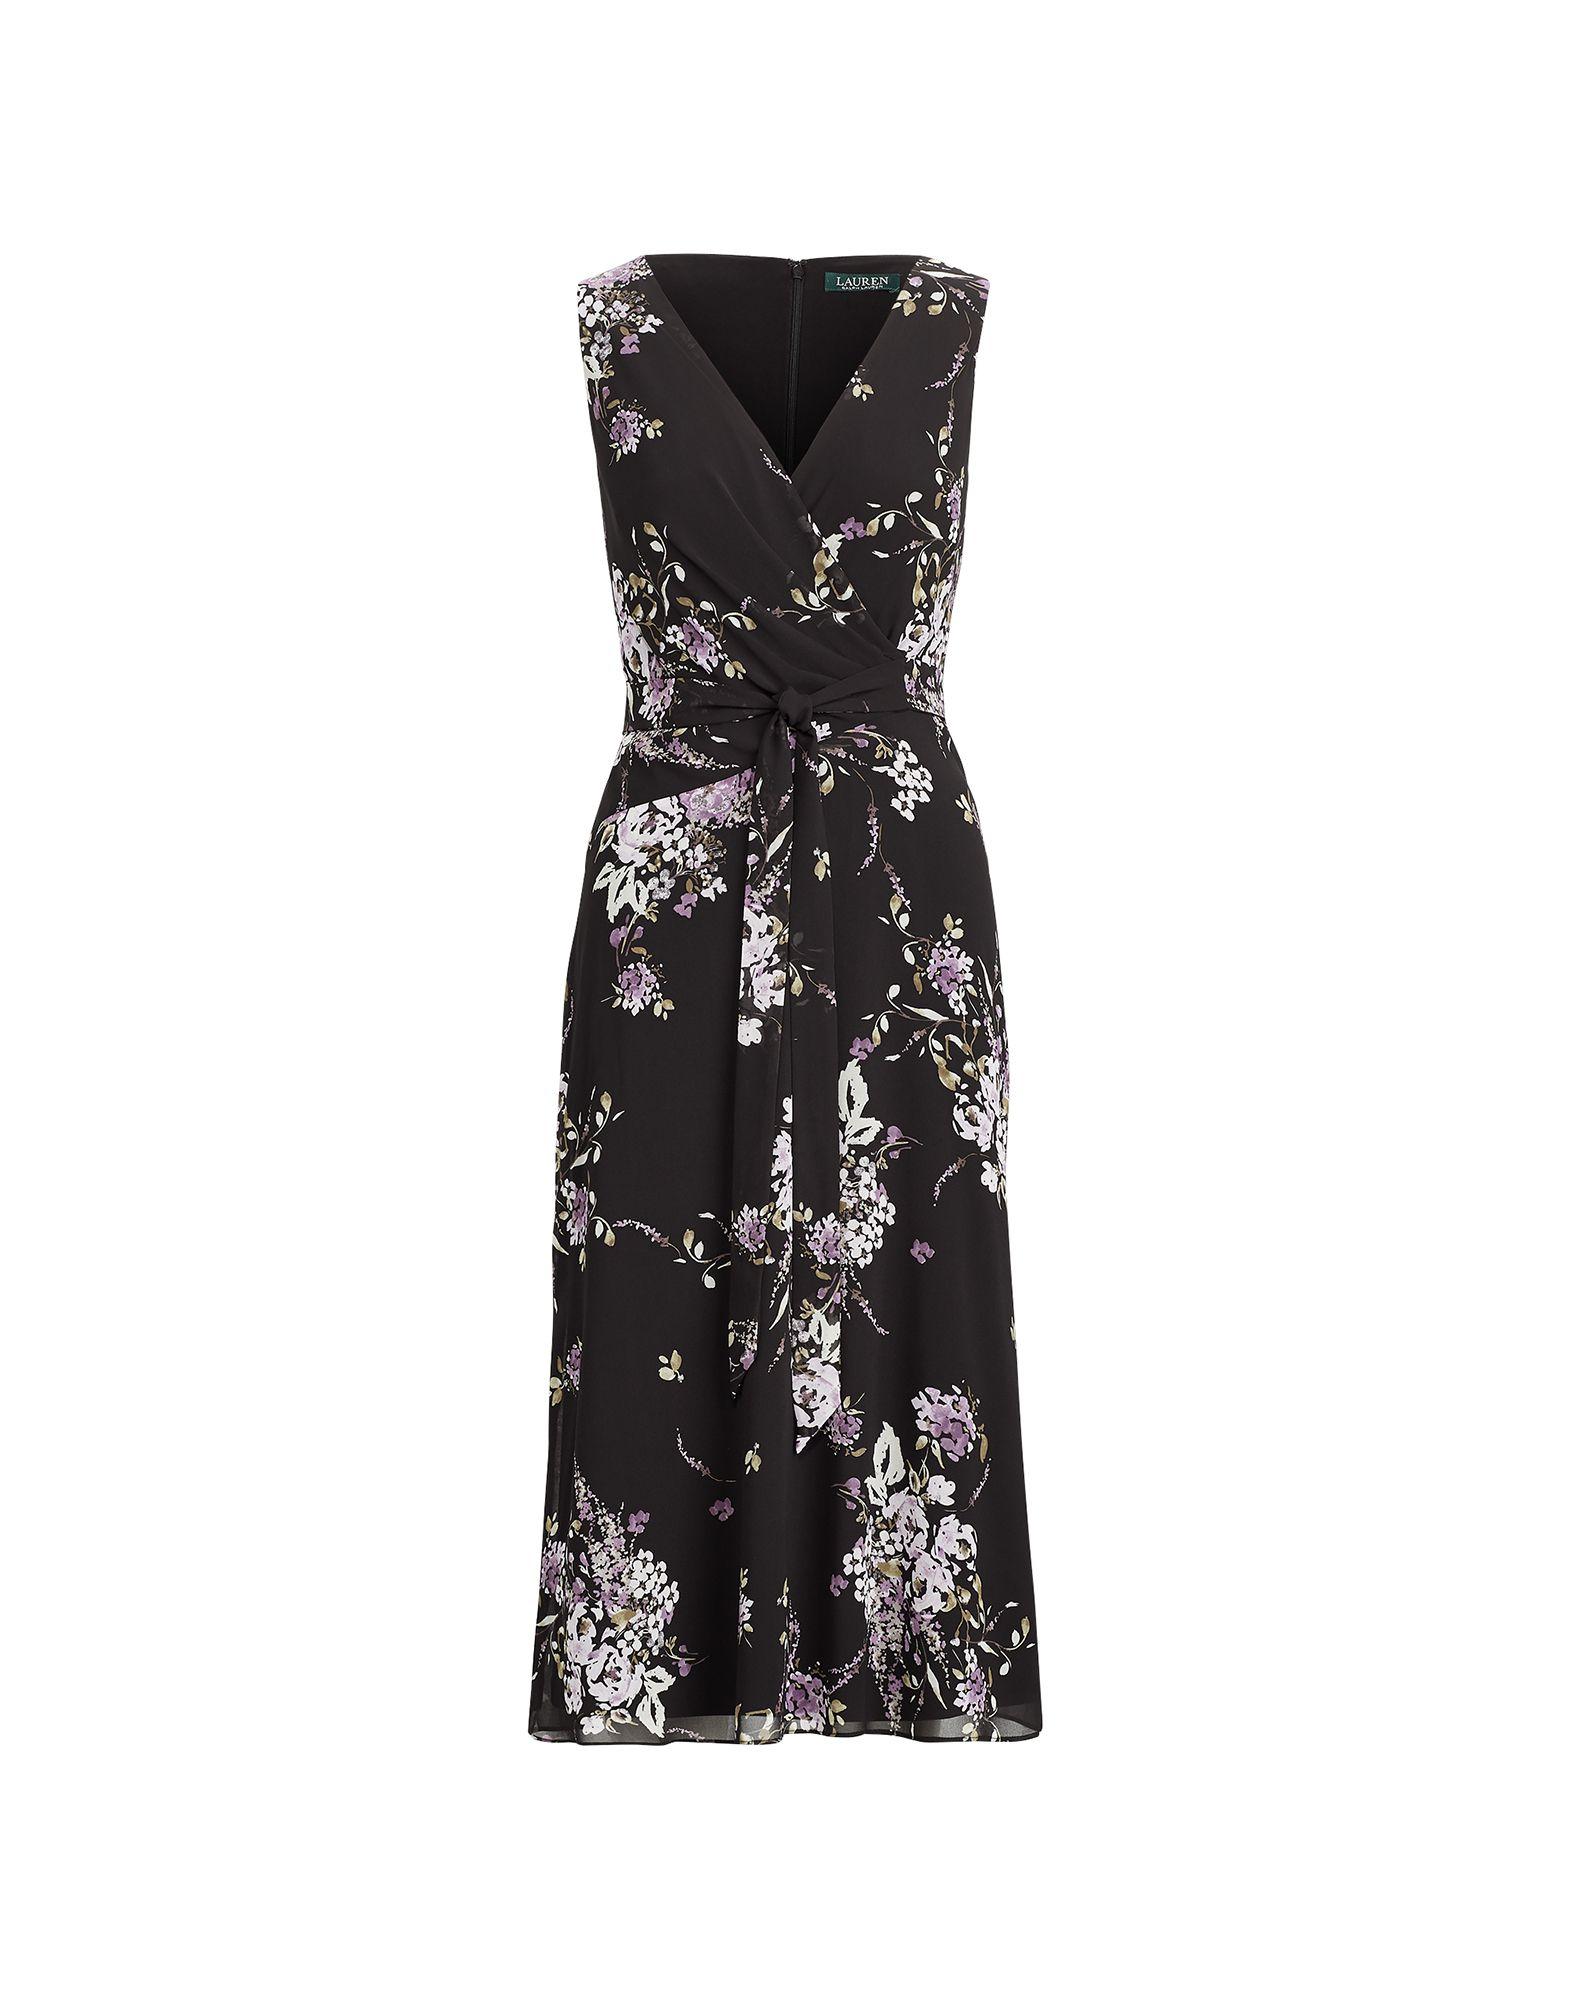 Фото - LAUREN RALPH LAUREN Платье длиной 3/4 ralph lauren collection юбка длиной 3 4